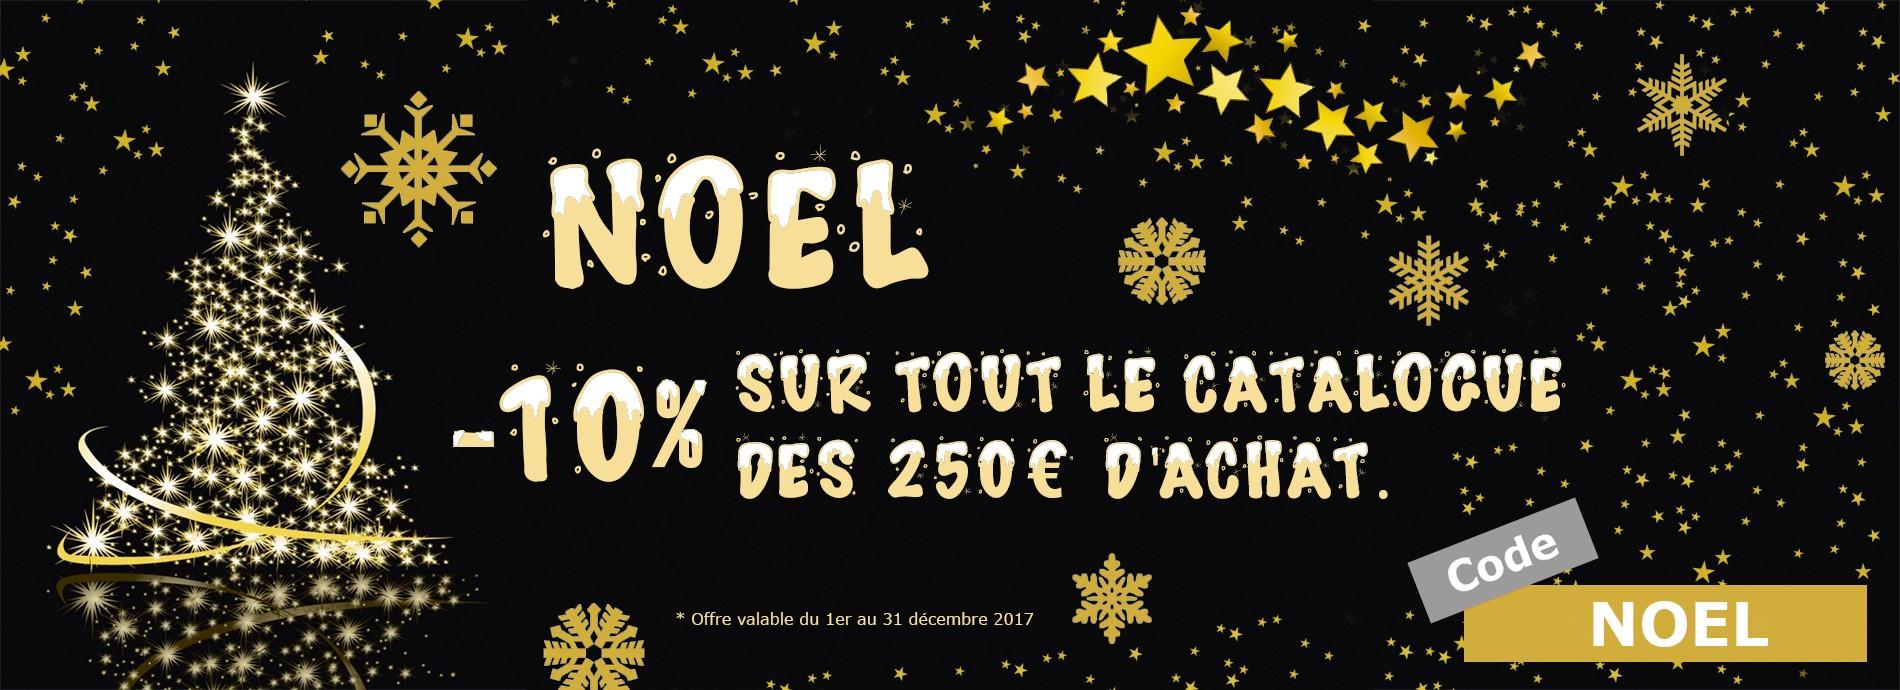 Promotion Noel 2017 - 10% sur tout le catalogue